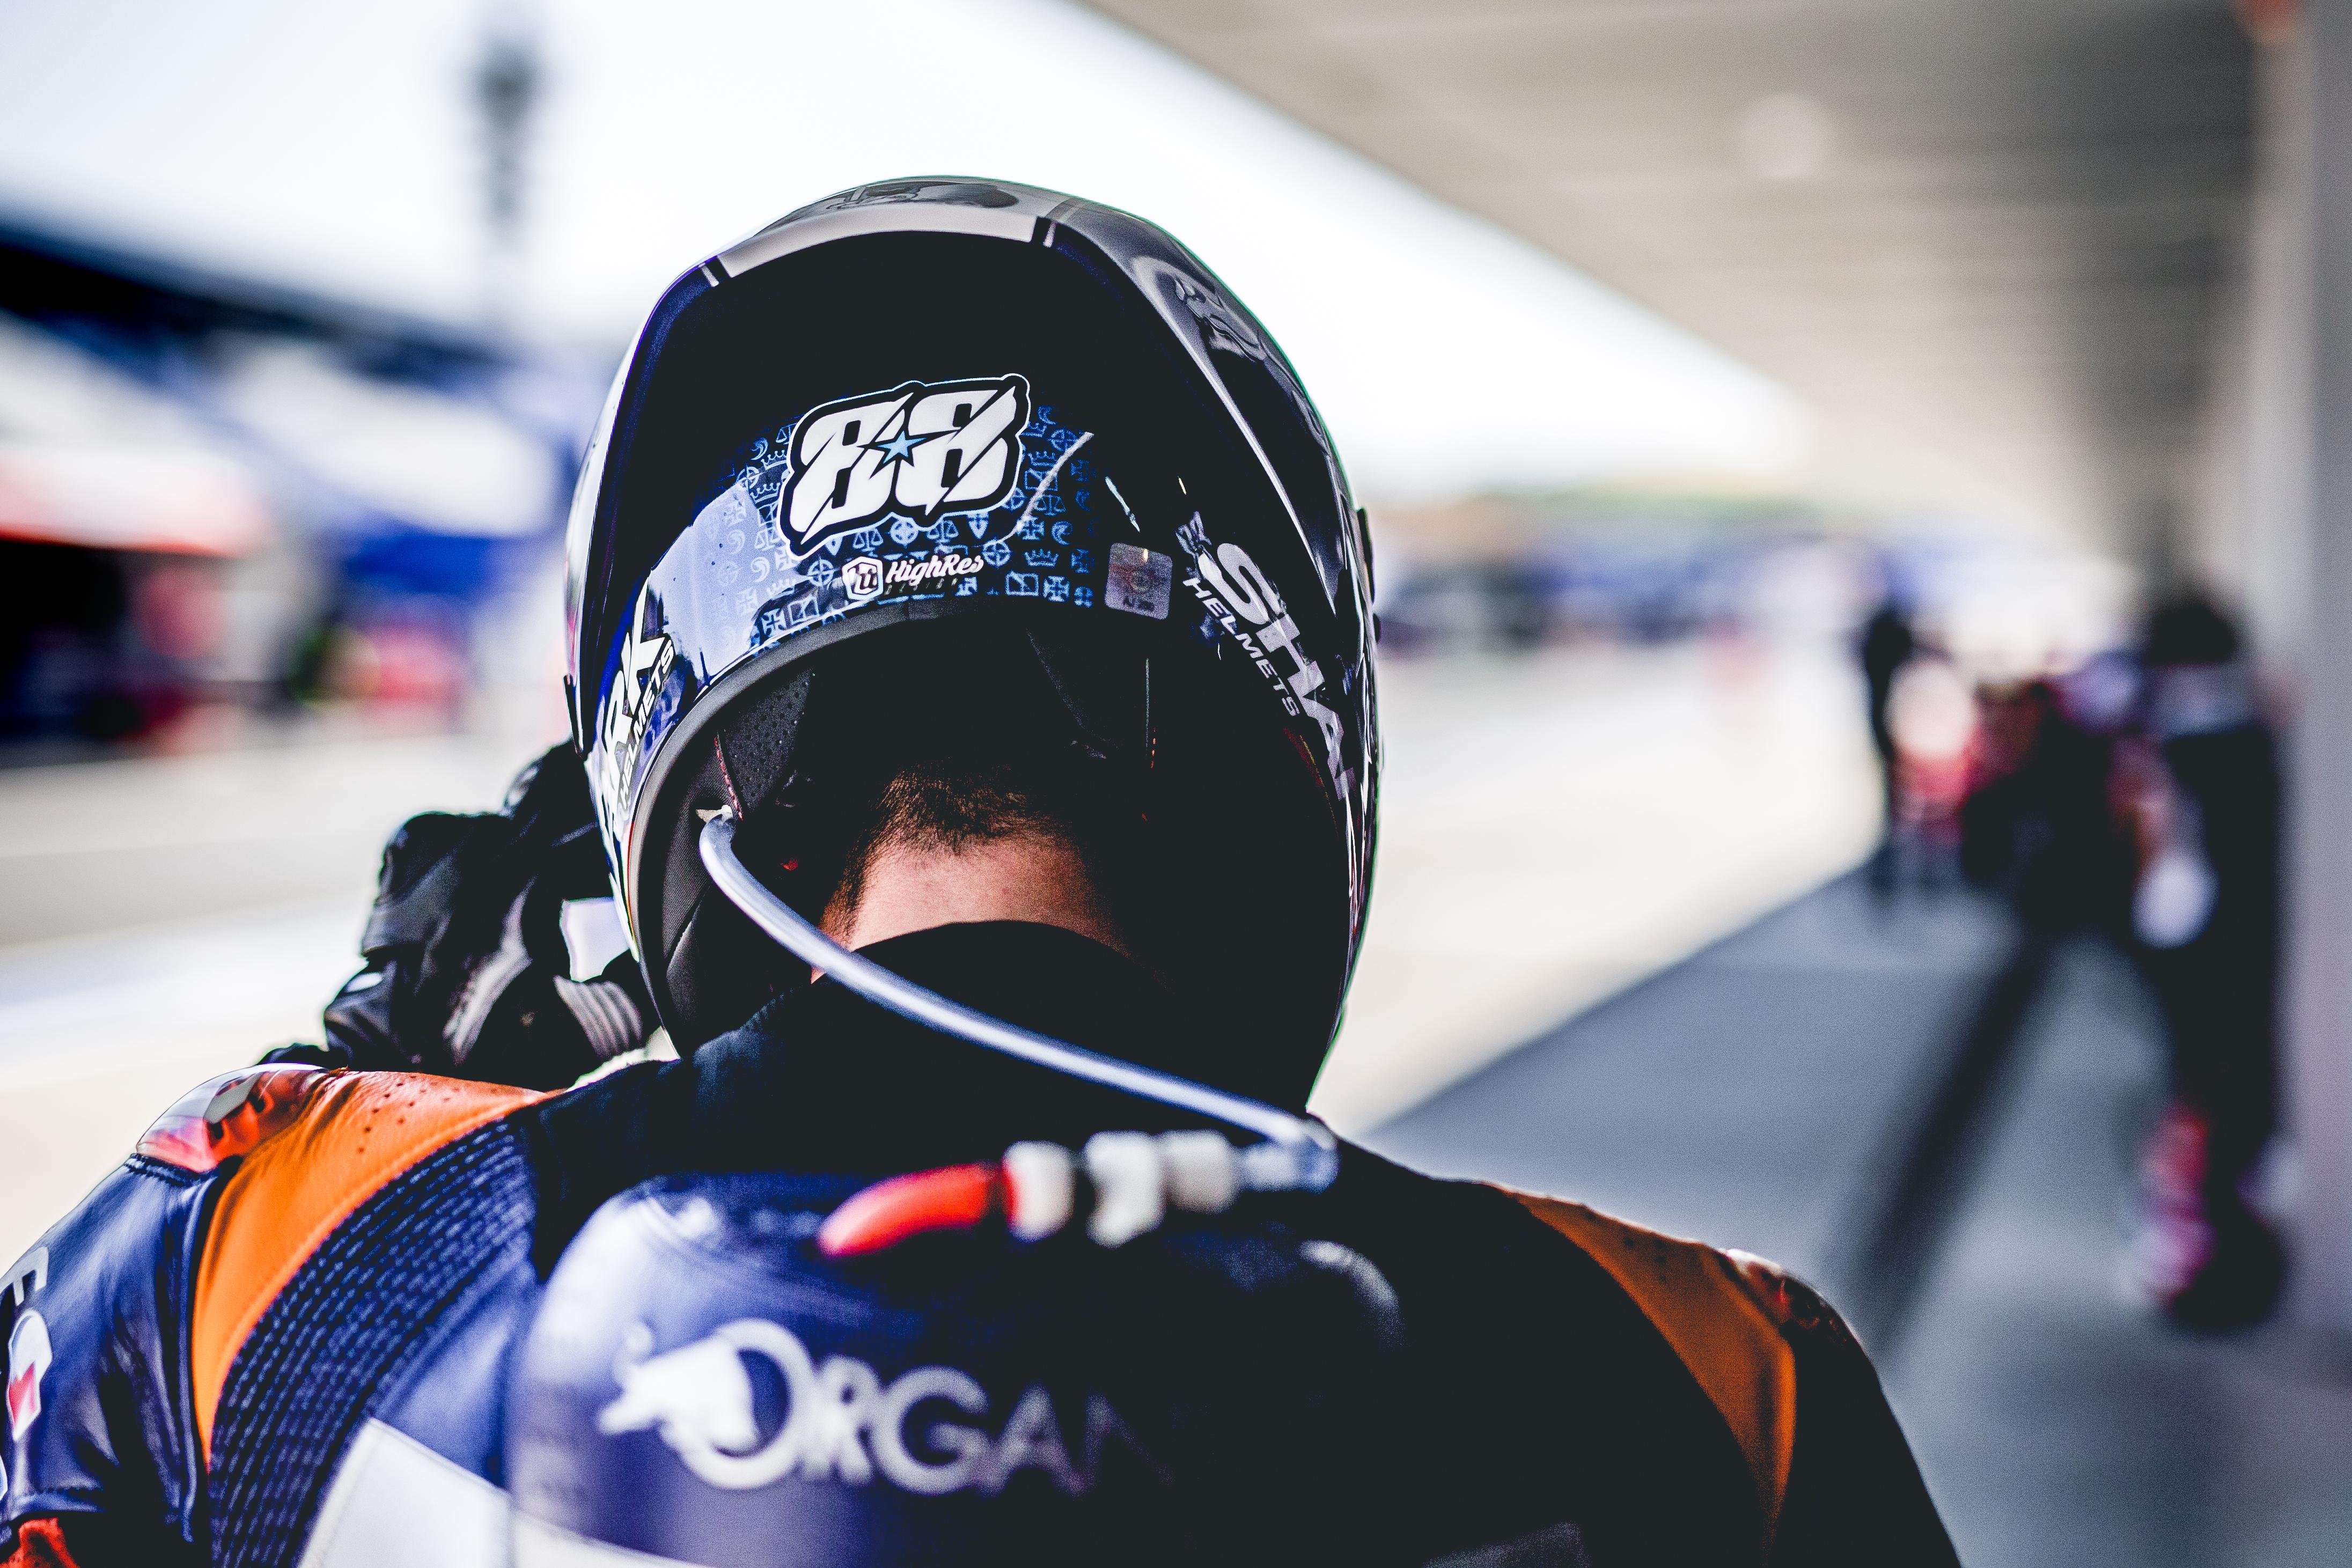 MOTOGP | Miguel Oliveira faz história ao alcançar a primeira vitória no campeonato do mundo de MotoGP 1